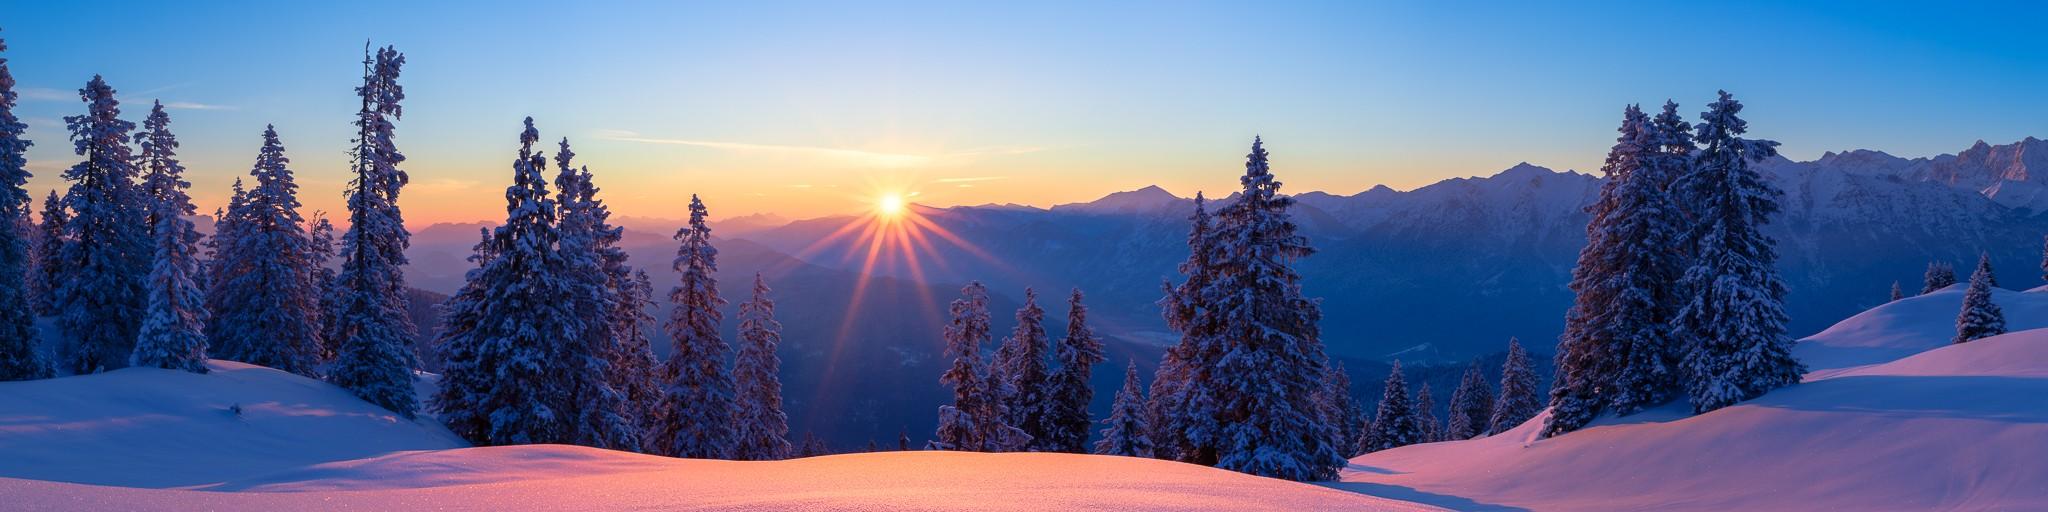 Der Pulverschnee funkelt mit der aufgehenden Sonne - Schnee auf den Bäumen und im Tal